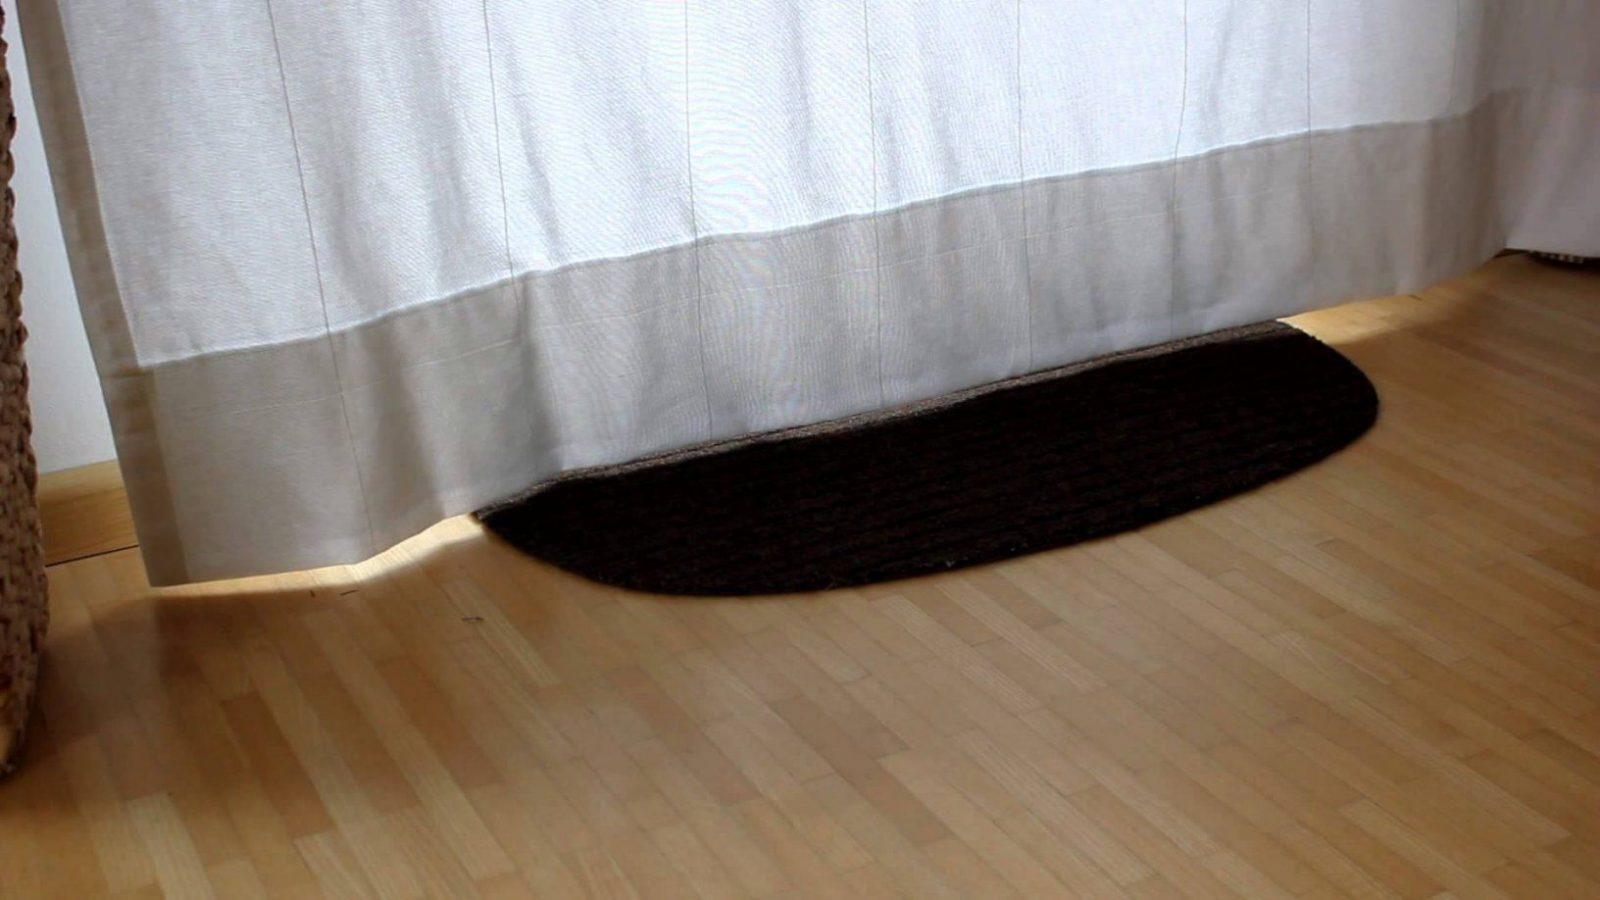 Vorhang Kürzen Teil 0708 Fertig Aufgehängt  Youtube von Ikea Gardinen Kürzen Photo